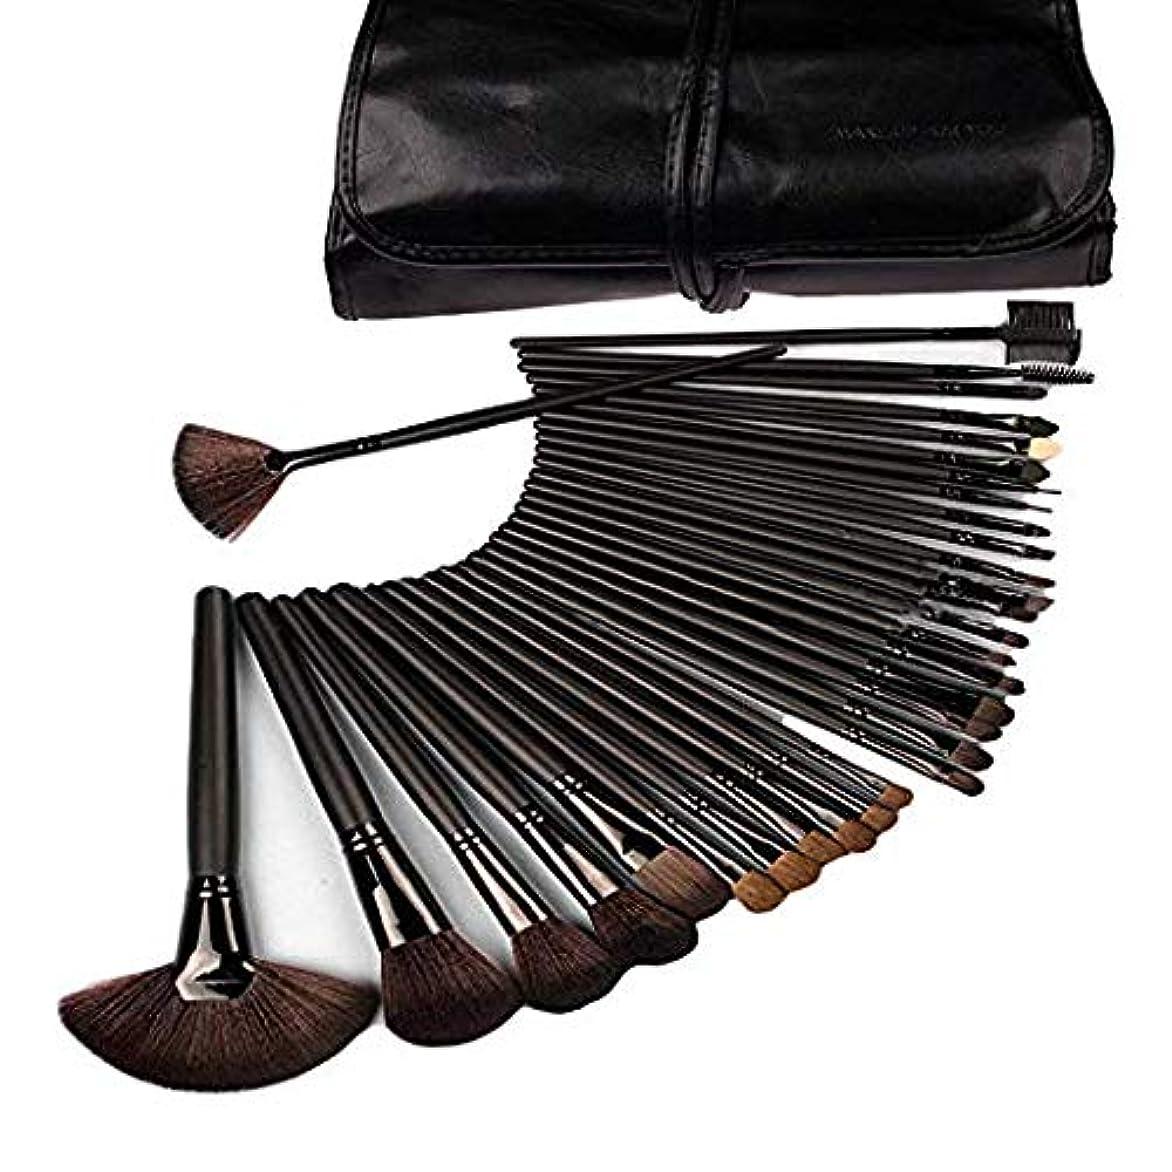 テナントマオリシェルター化粧筆 セット メイクブラシ 32本 プロフェッショナル メイクブラシ メイクアップ ブラシ メイクアップぶらし セット 化粧ポーチ付き (黒い)